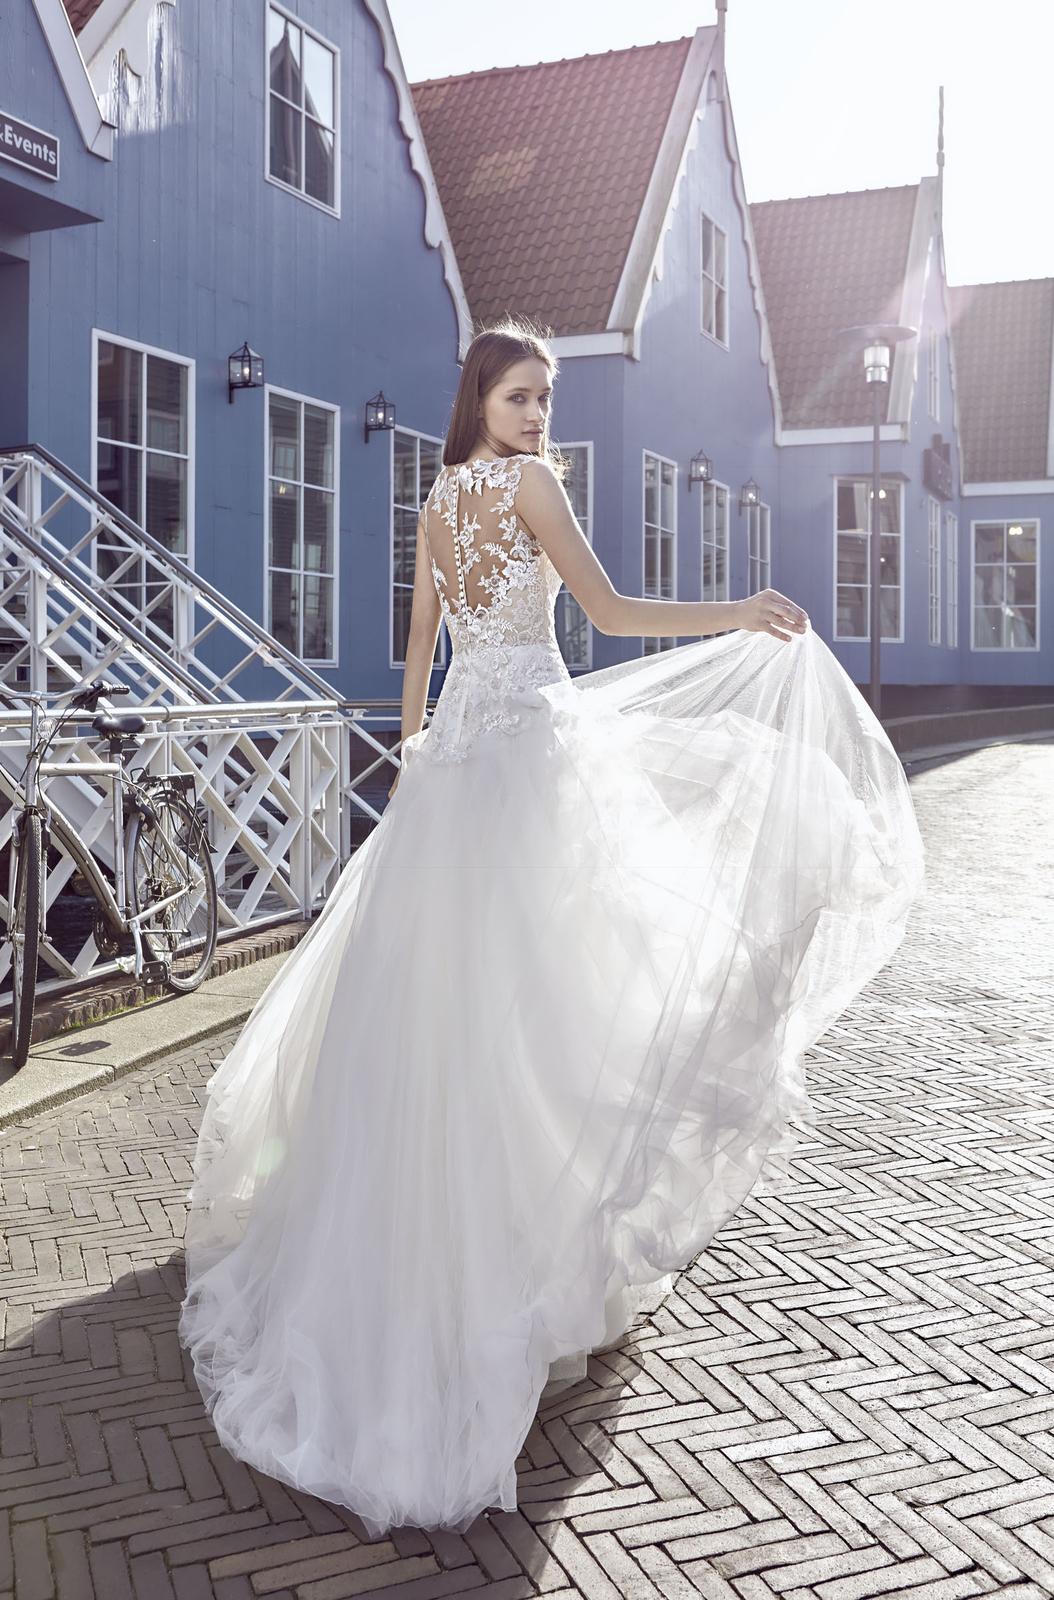 Milé nevěsty, kolekce Modeca 2018 na Vás již čeká! - Obrázek č. 1